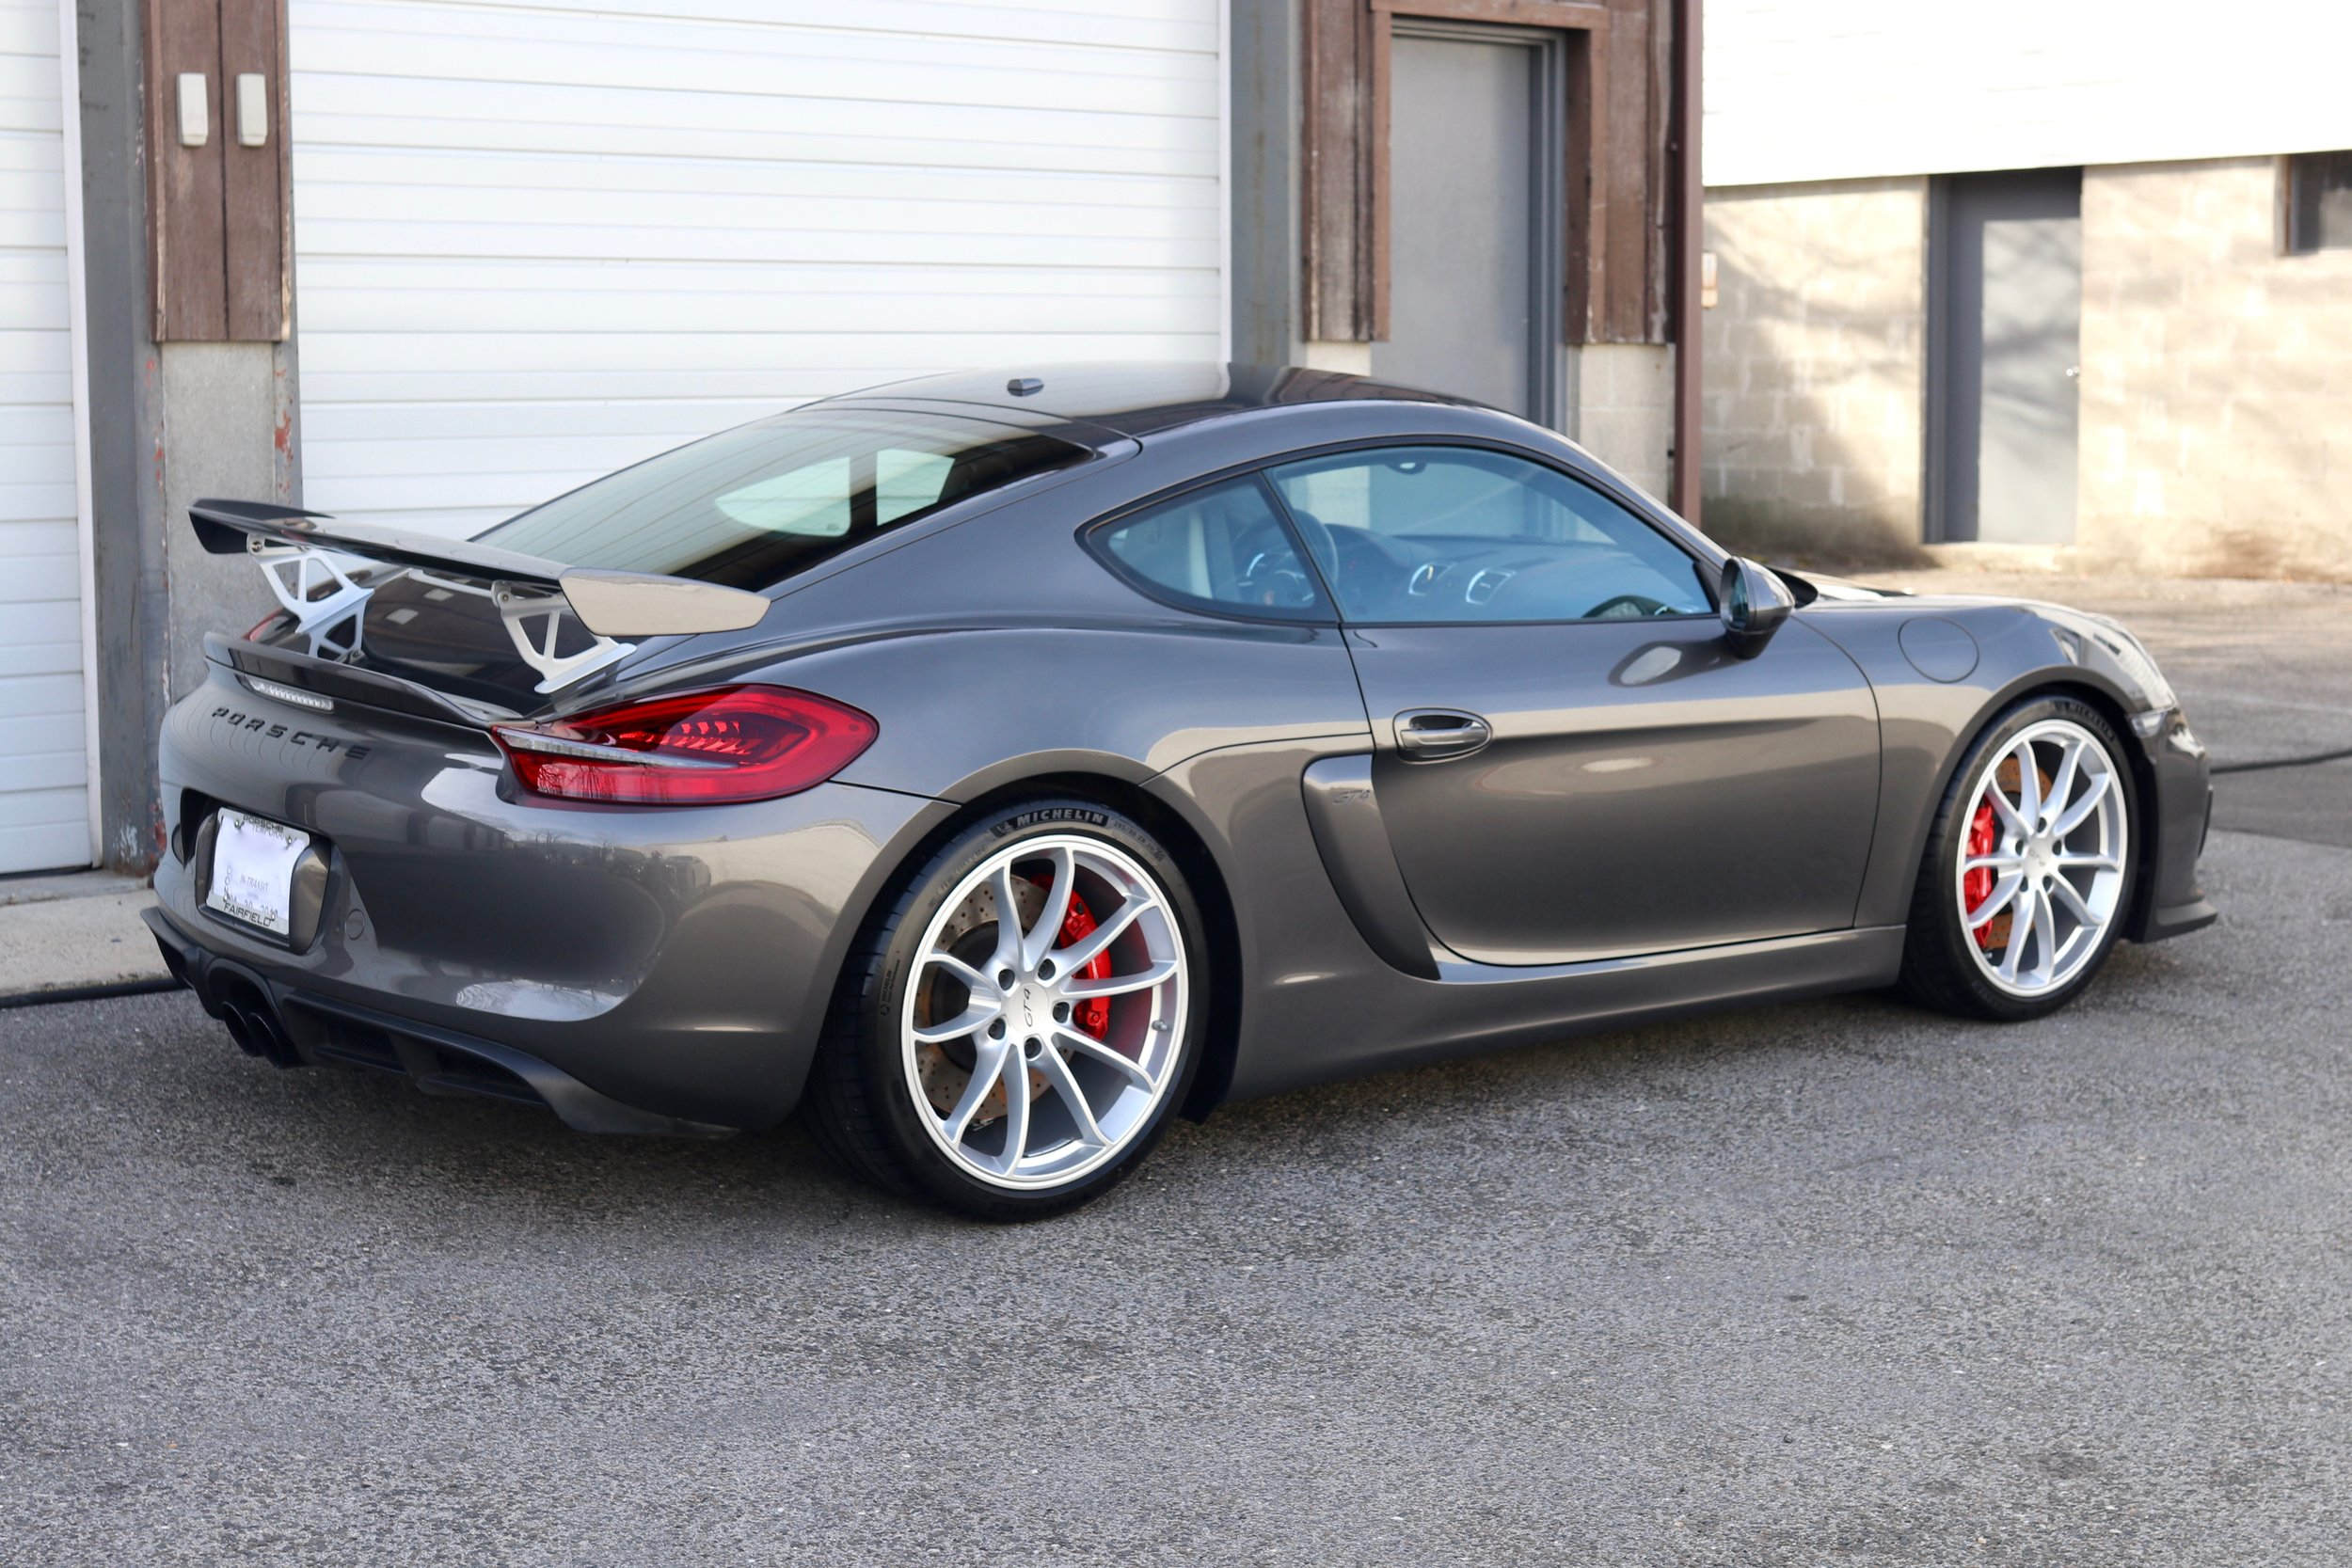 Porsche GT4 - Paint Protection Film - Paint Correction - CQuartz Finest Reserve